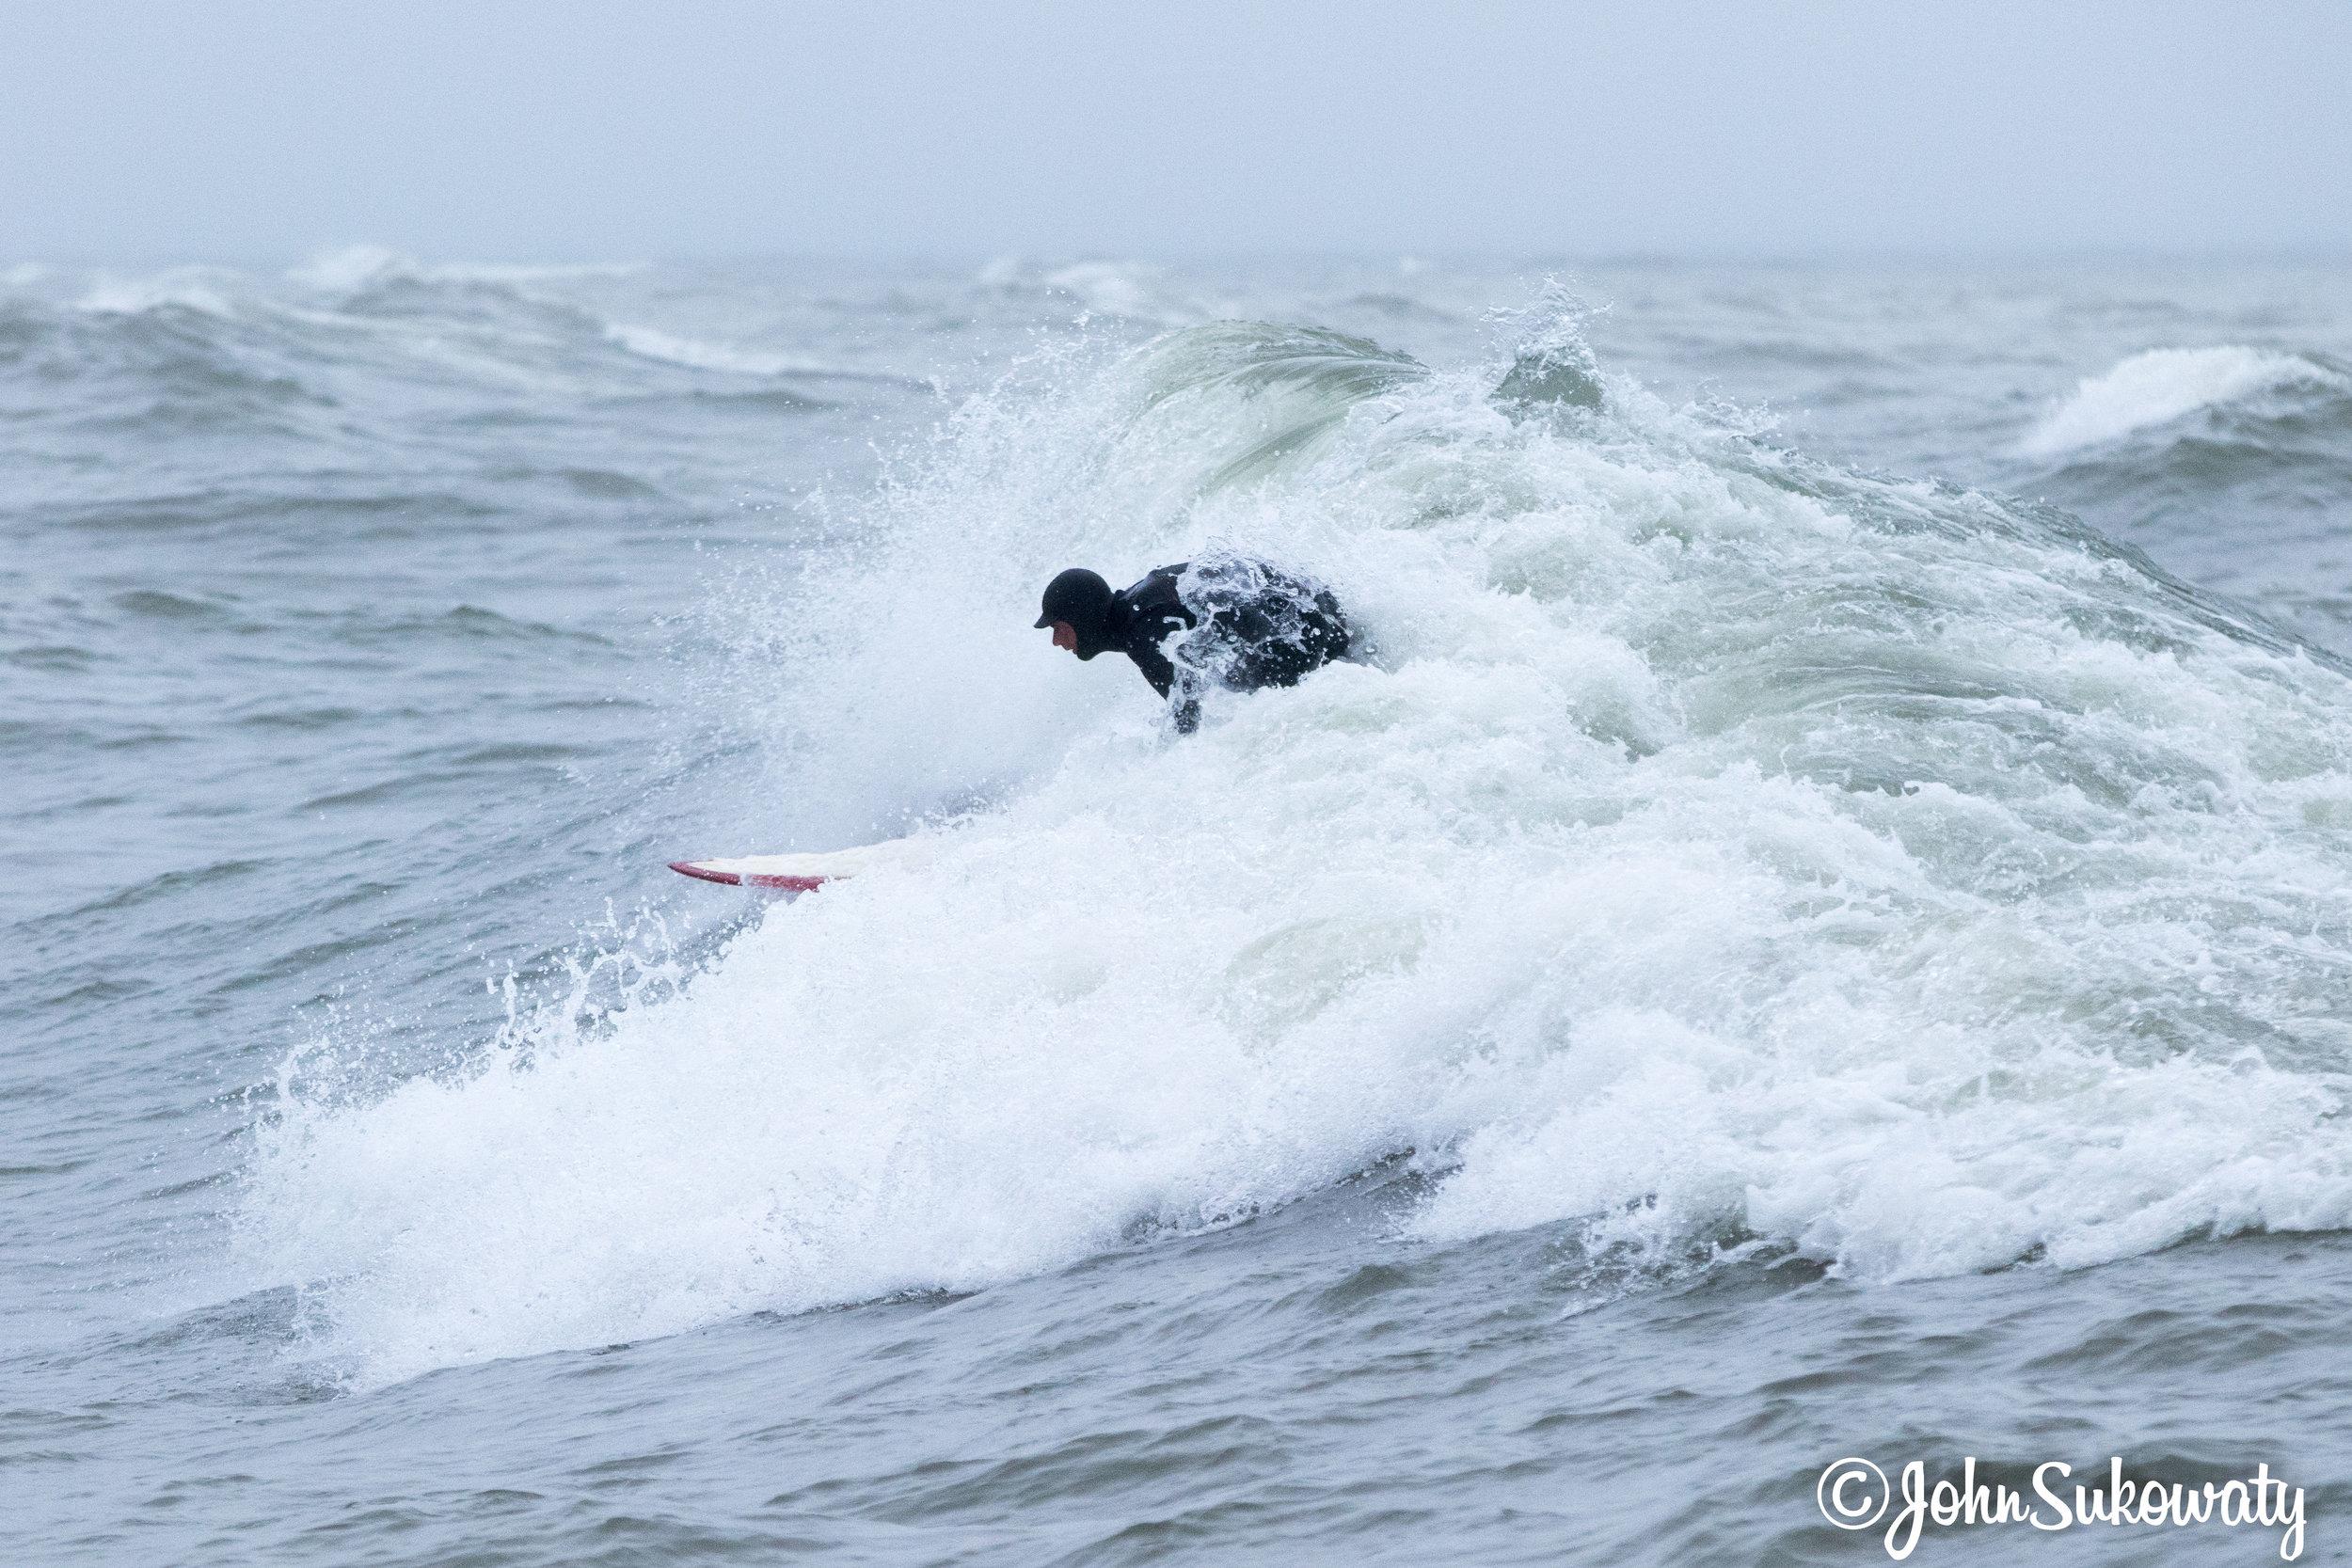 sheboygan-surfing-november-113.jpg